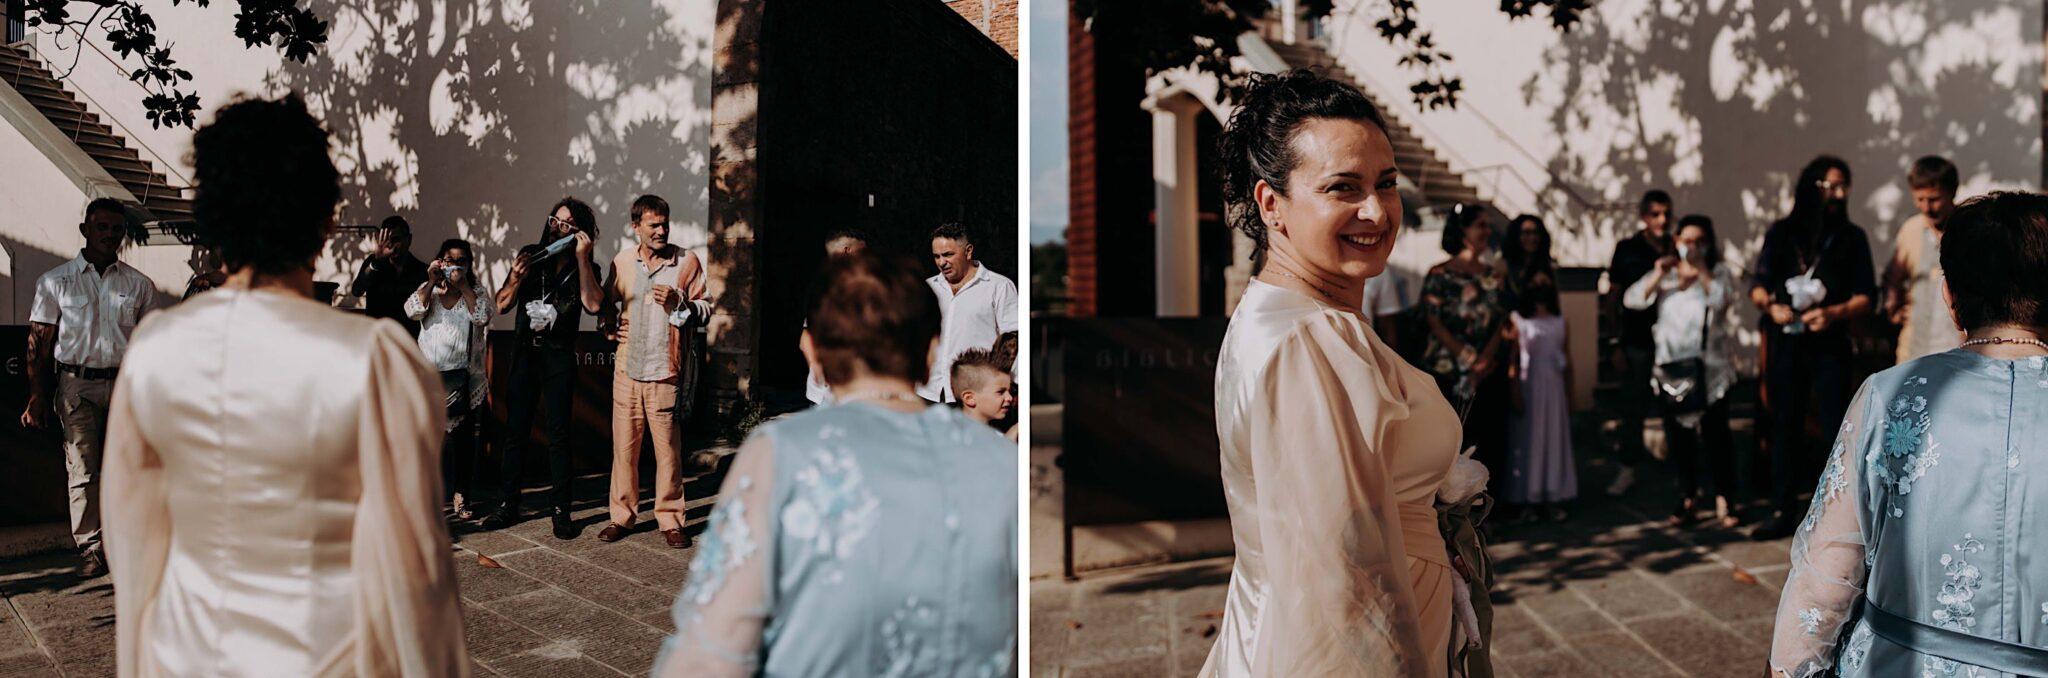 la sposa e gli invitati